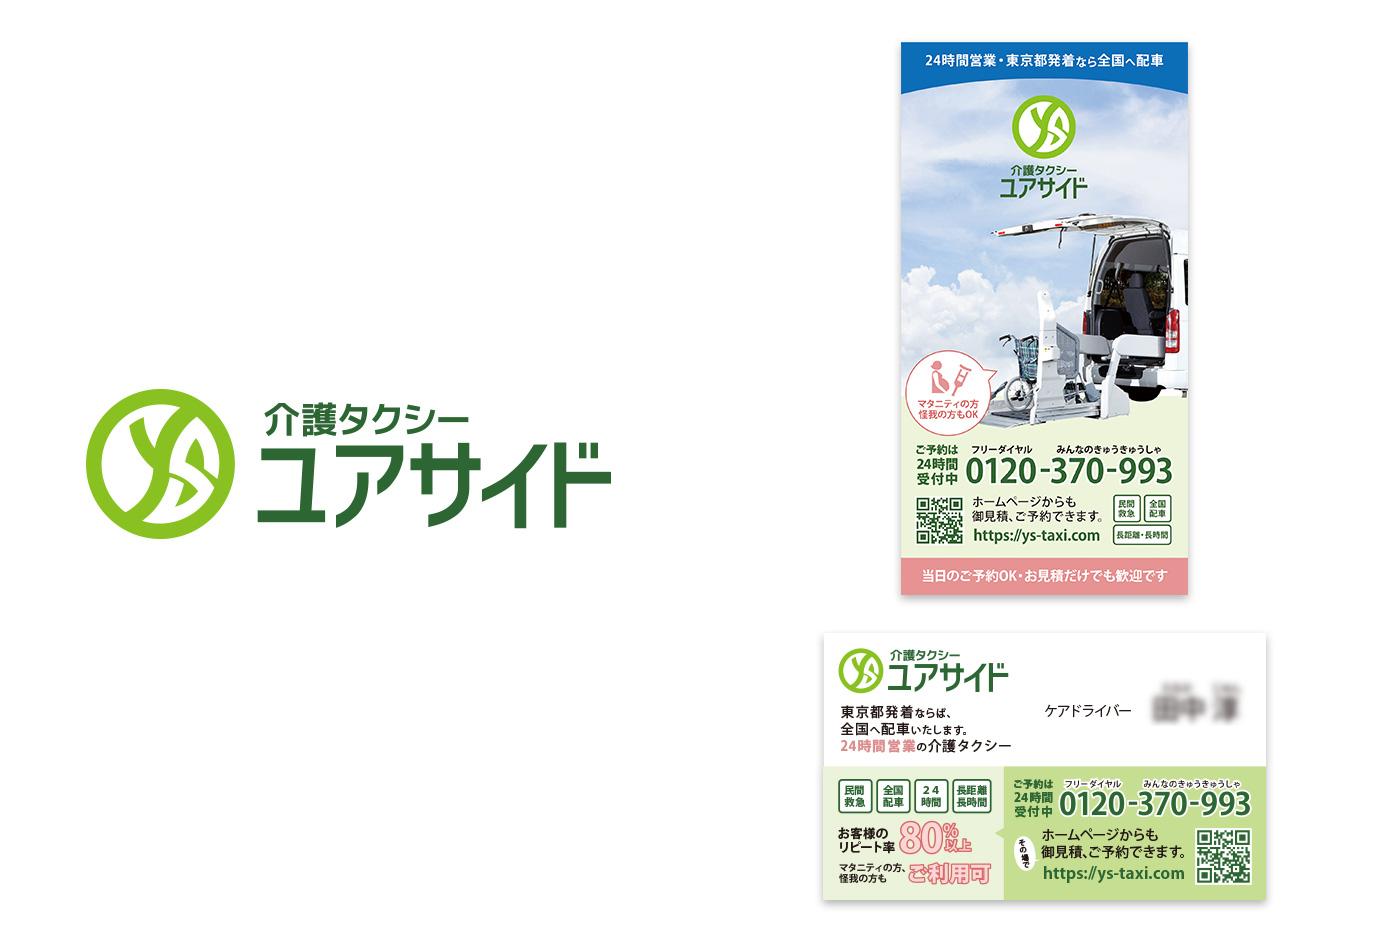 介護タクシーサービスのロゴデザイン、印刷物デザイン